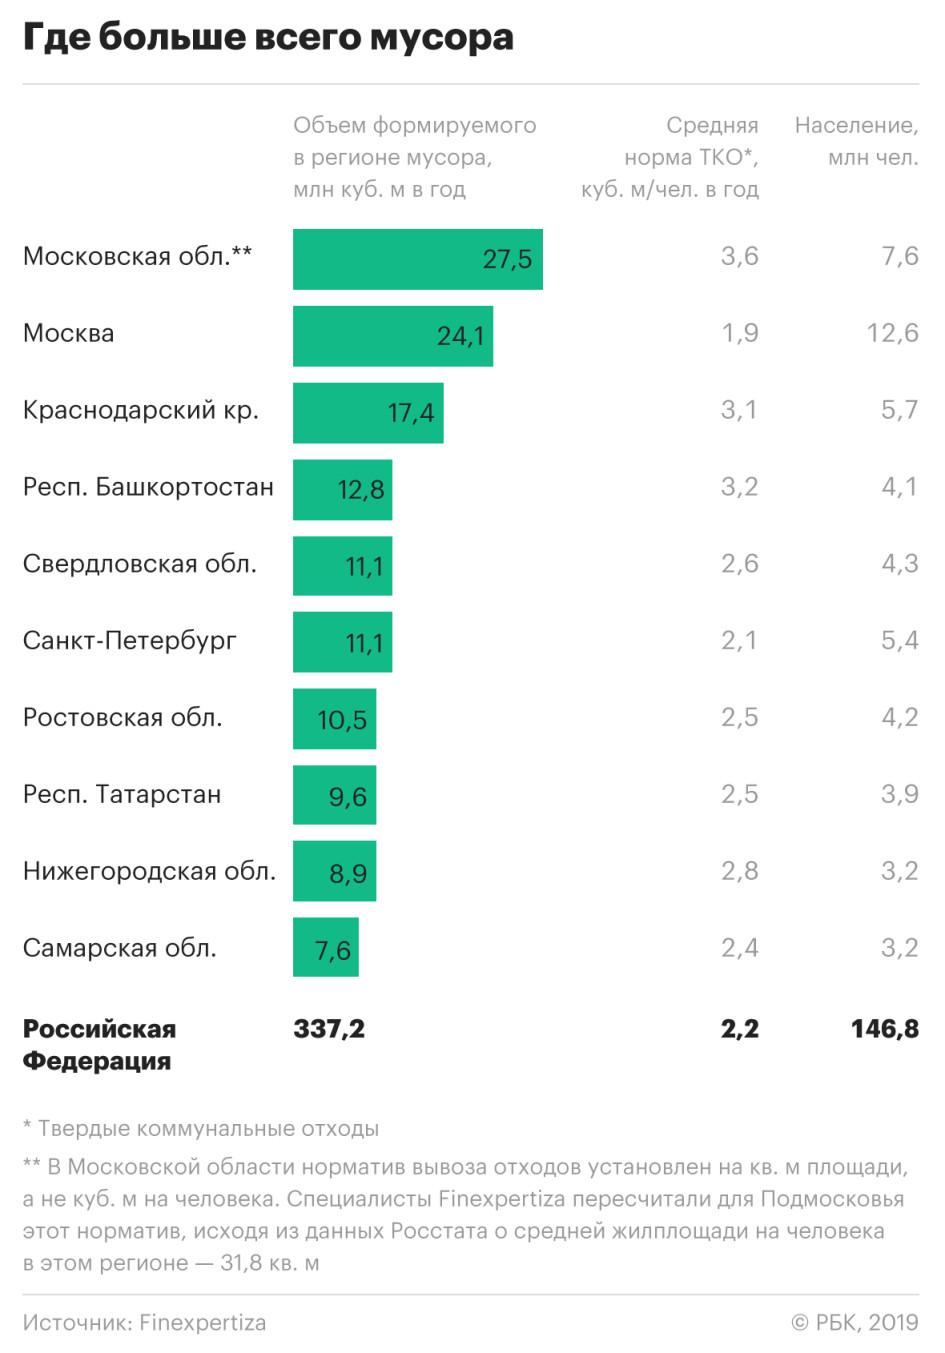 Московская область возглавила рейтинг самых замусоренных регионов России